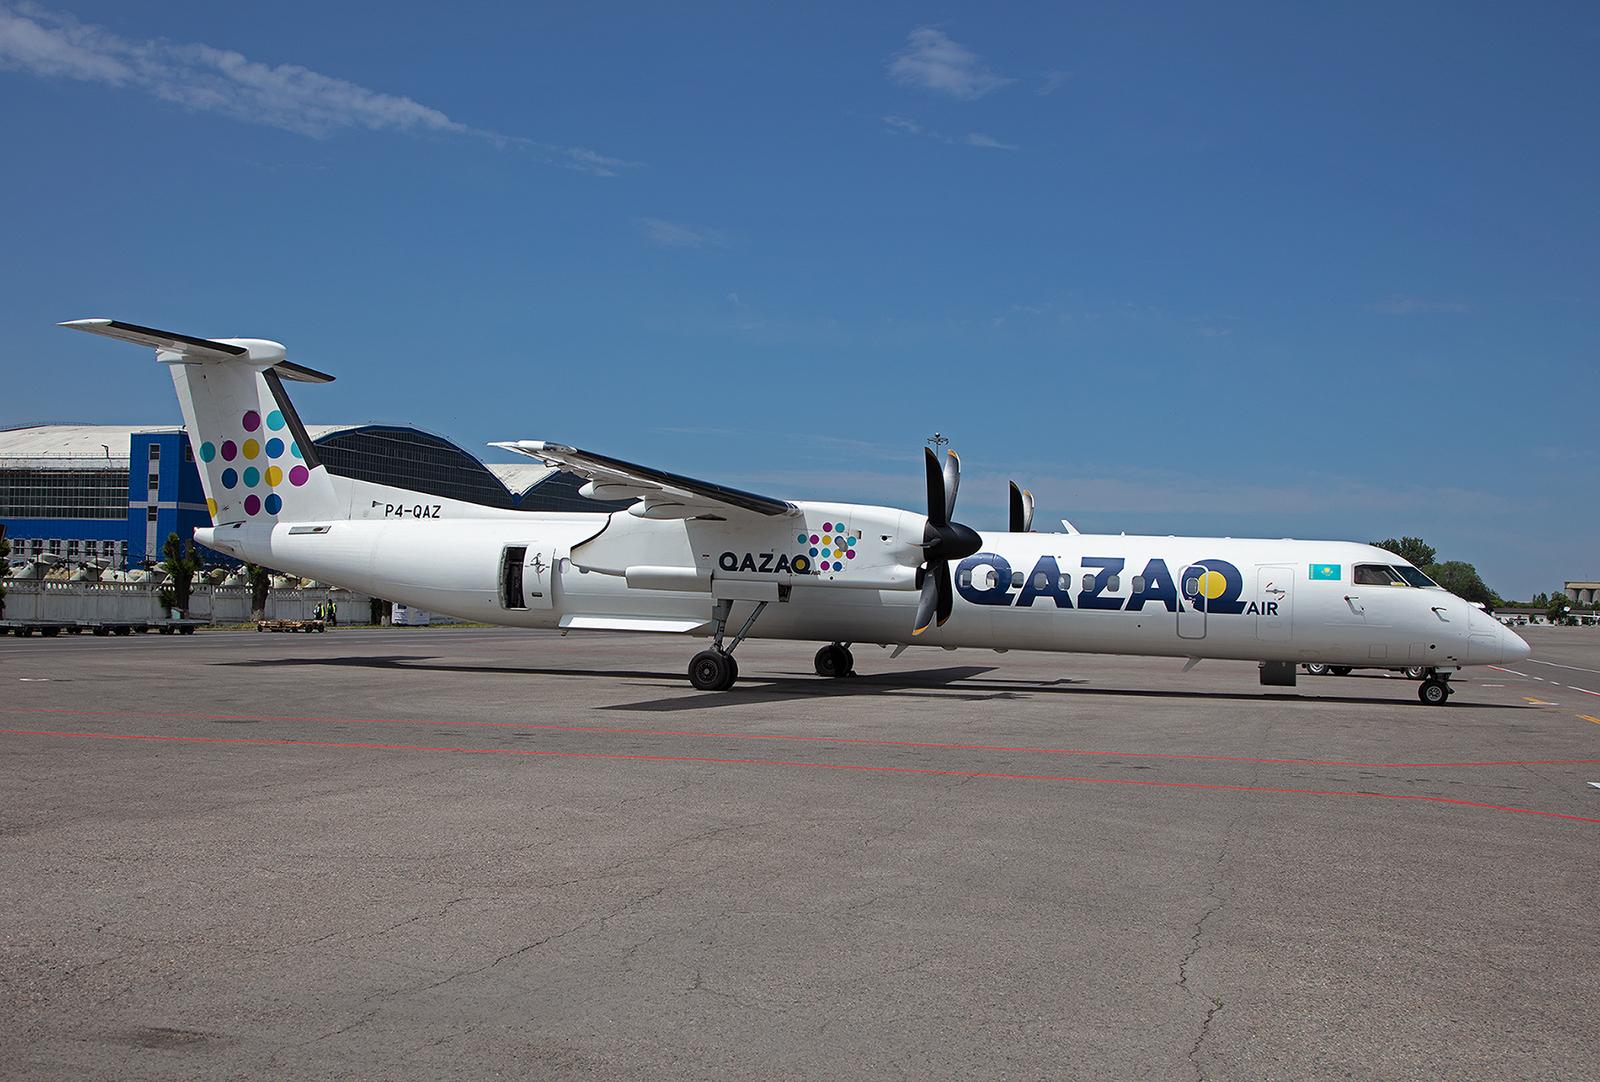 Mit dieser Dash 8Q400 gings am Abend zurück nach Astana.